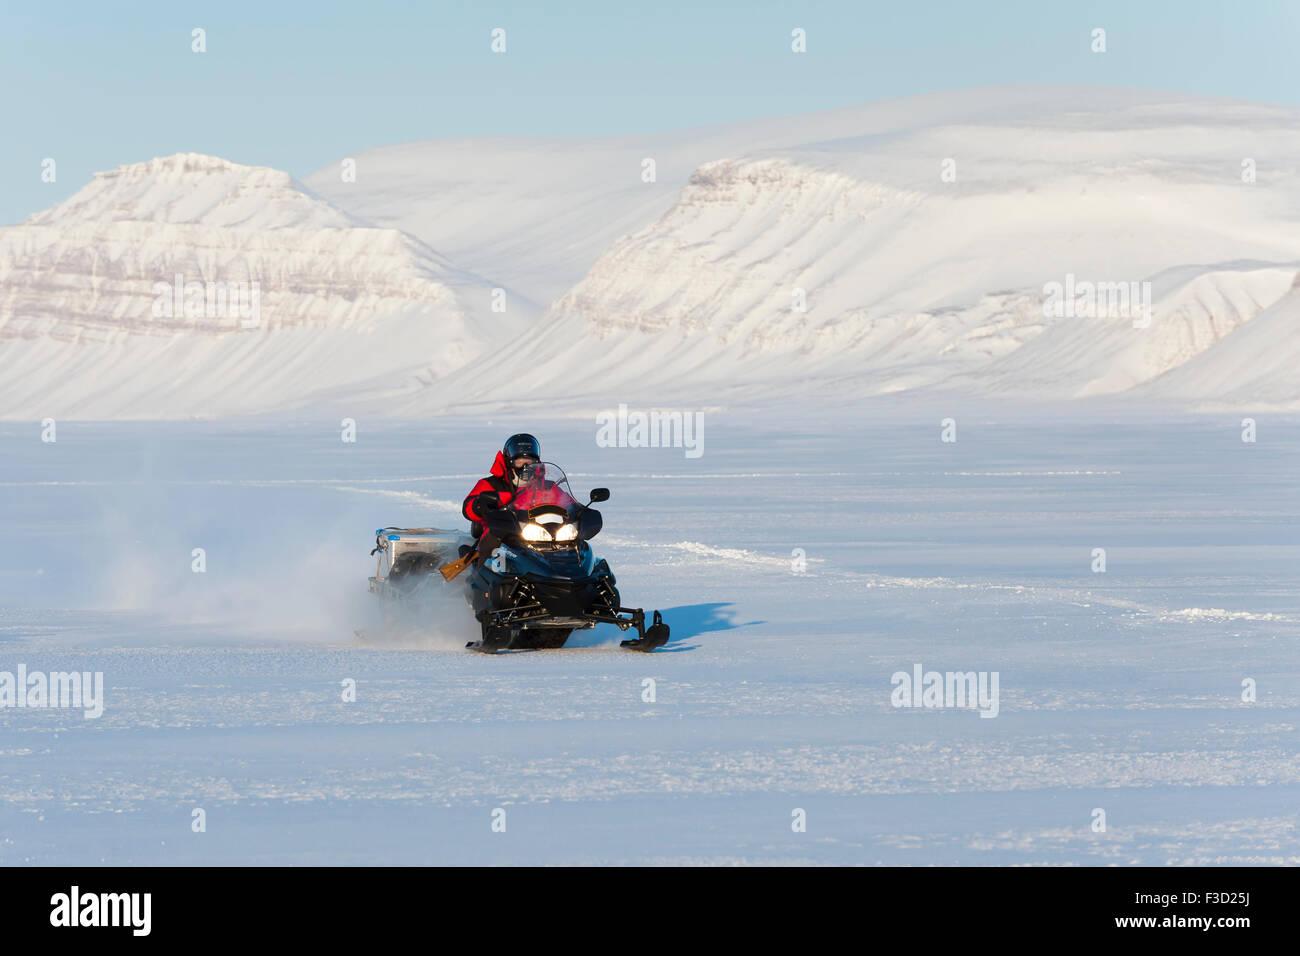 La motoneige en Tempelfjorden sur la glace de mer avec ses montagnes couvertes de neige, Spitsbergen, Svalbard, Norvège. Banque D'Images